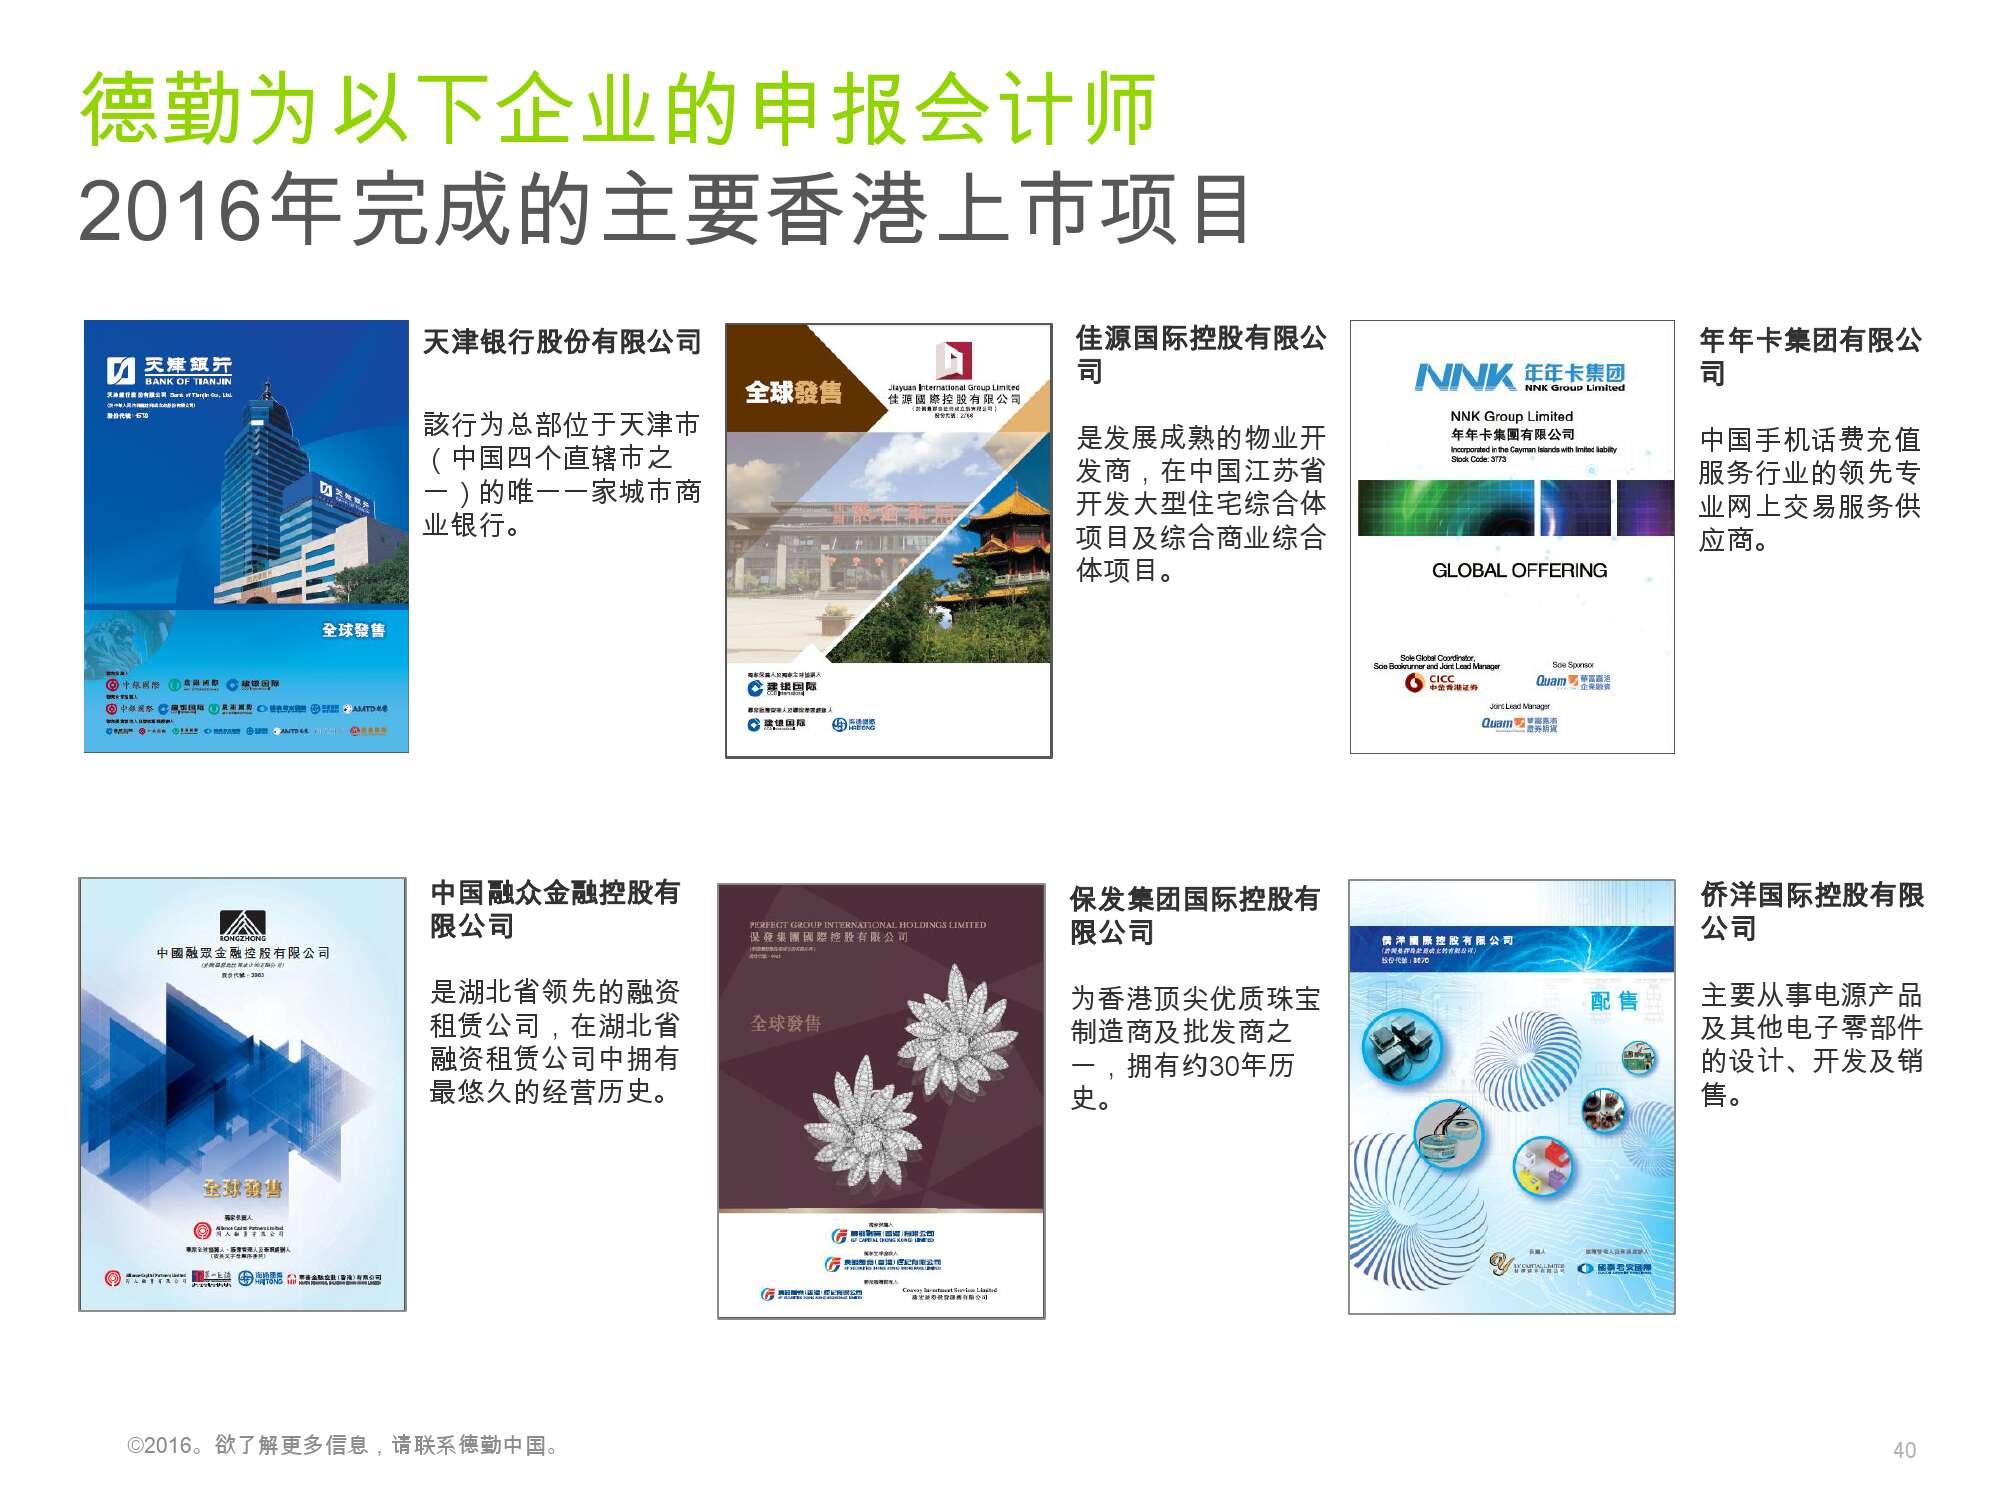 香港及中国大陆IPO市场2016年1季度_000040